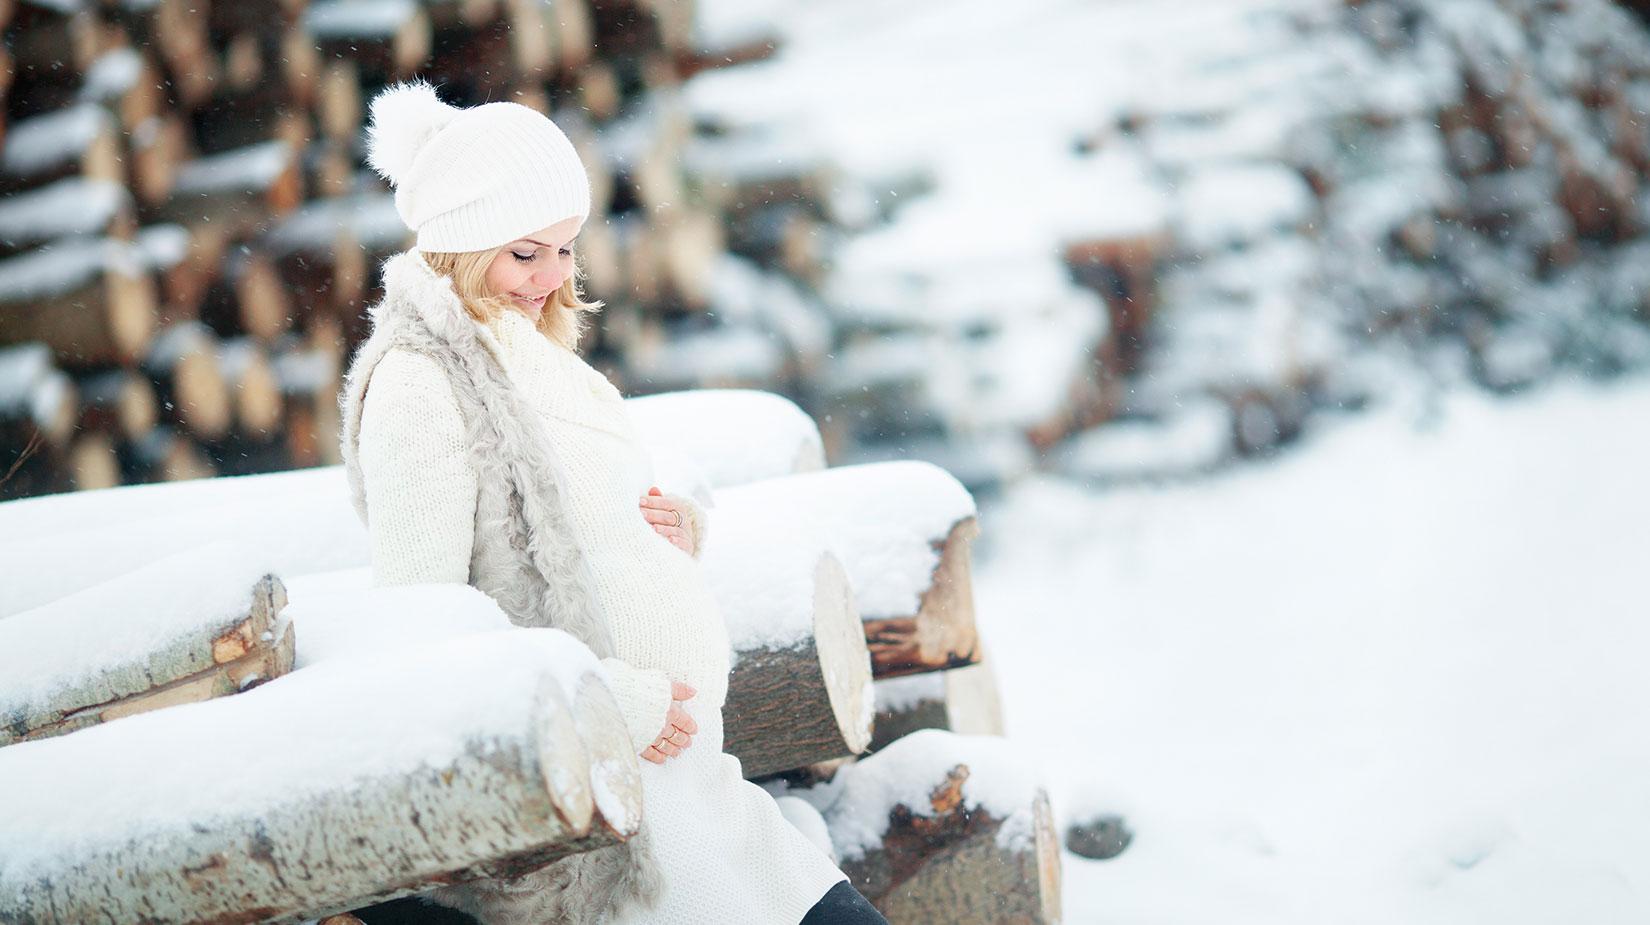 Kışı sağlıklı geçirmek için